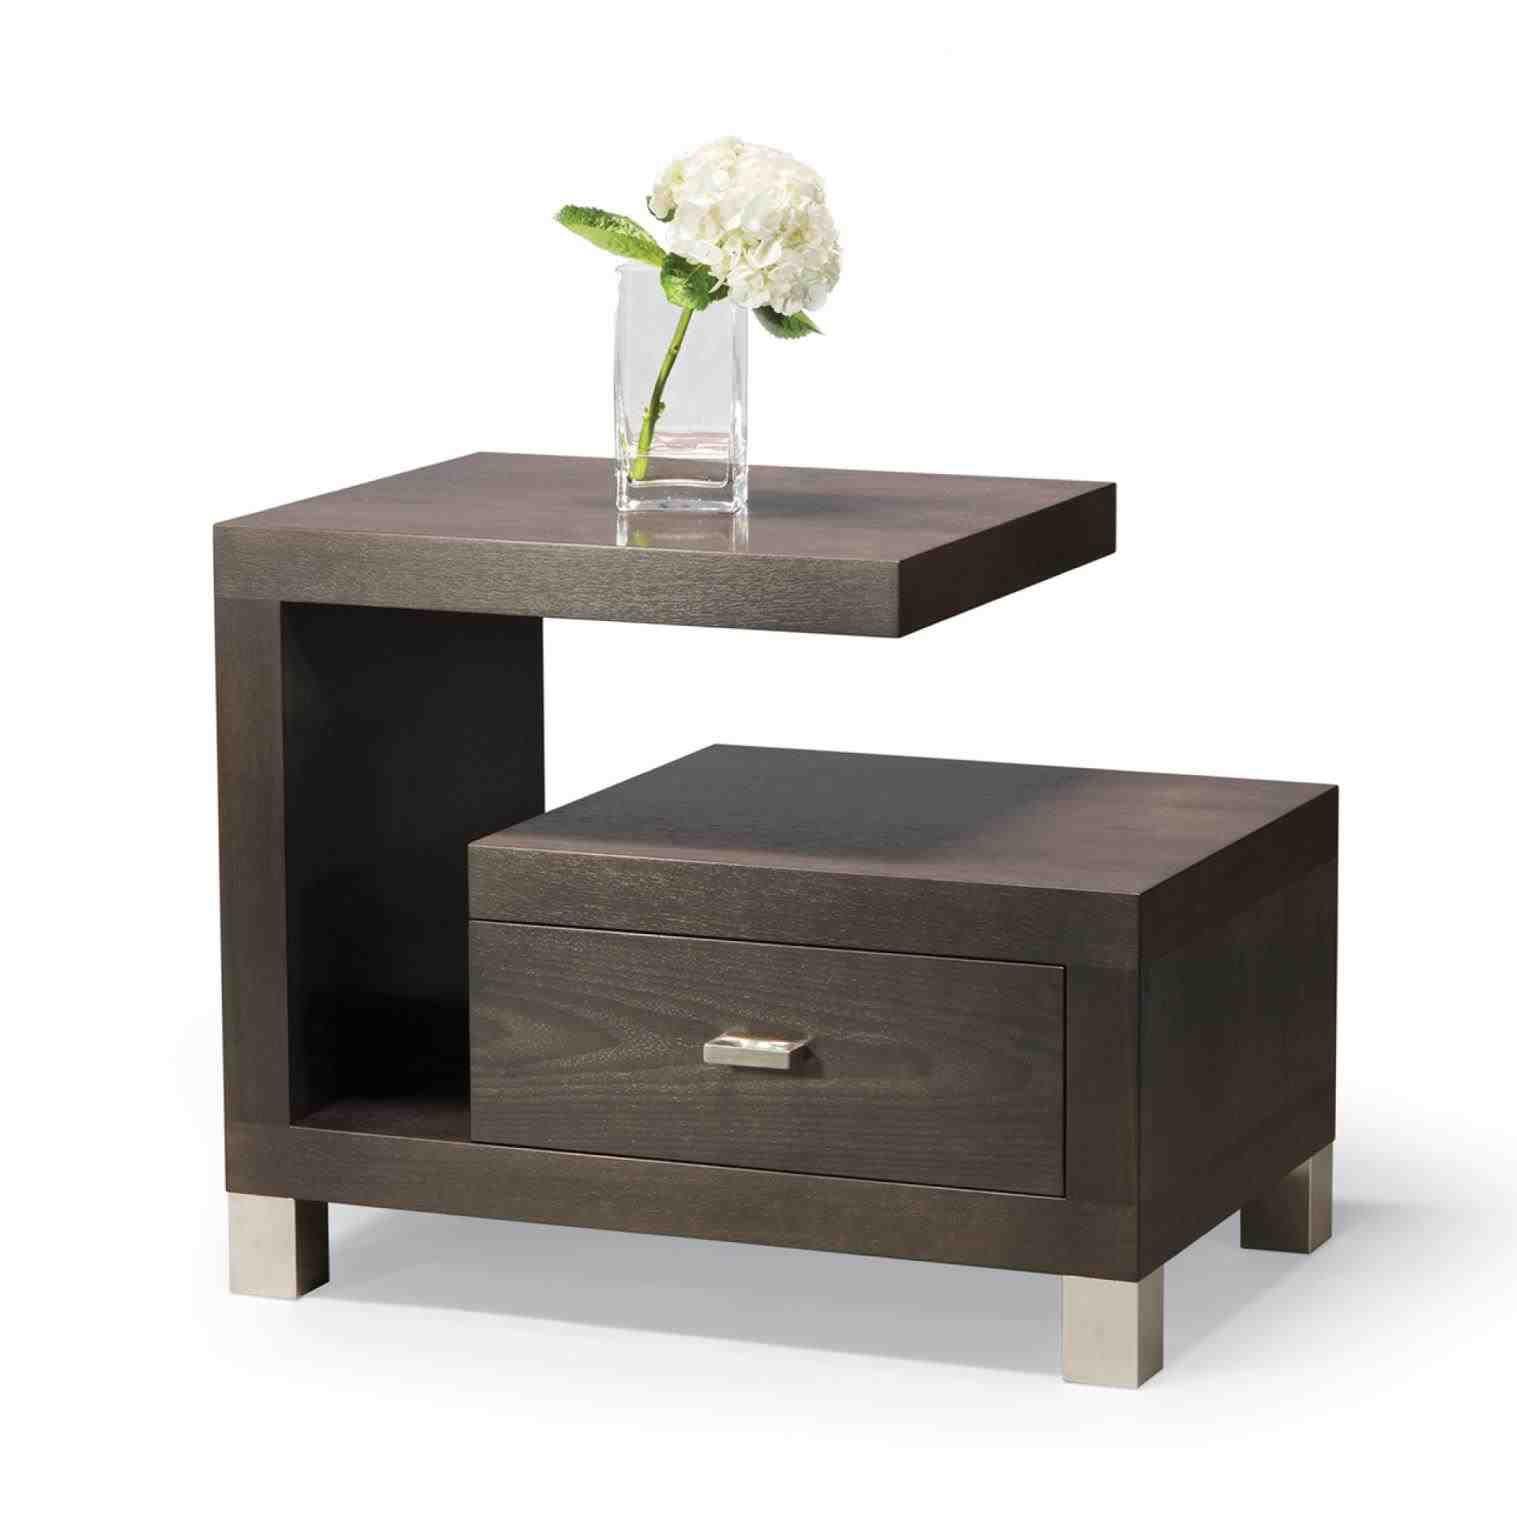 Small Black Bedside Table Bedside Table Design Modern Bedside